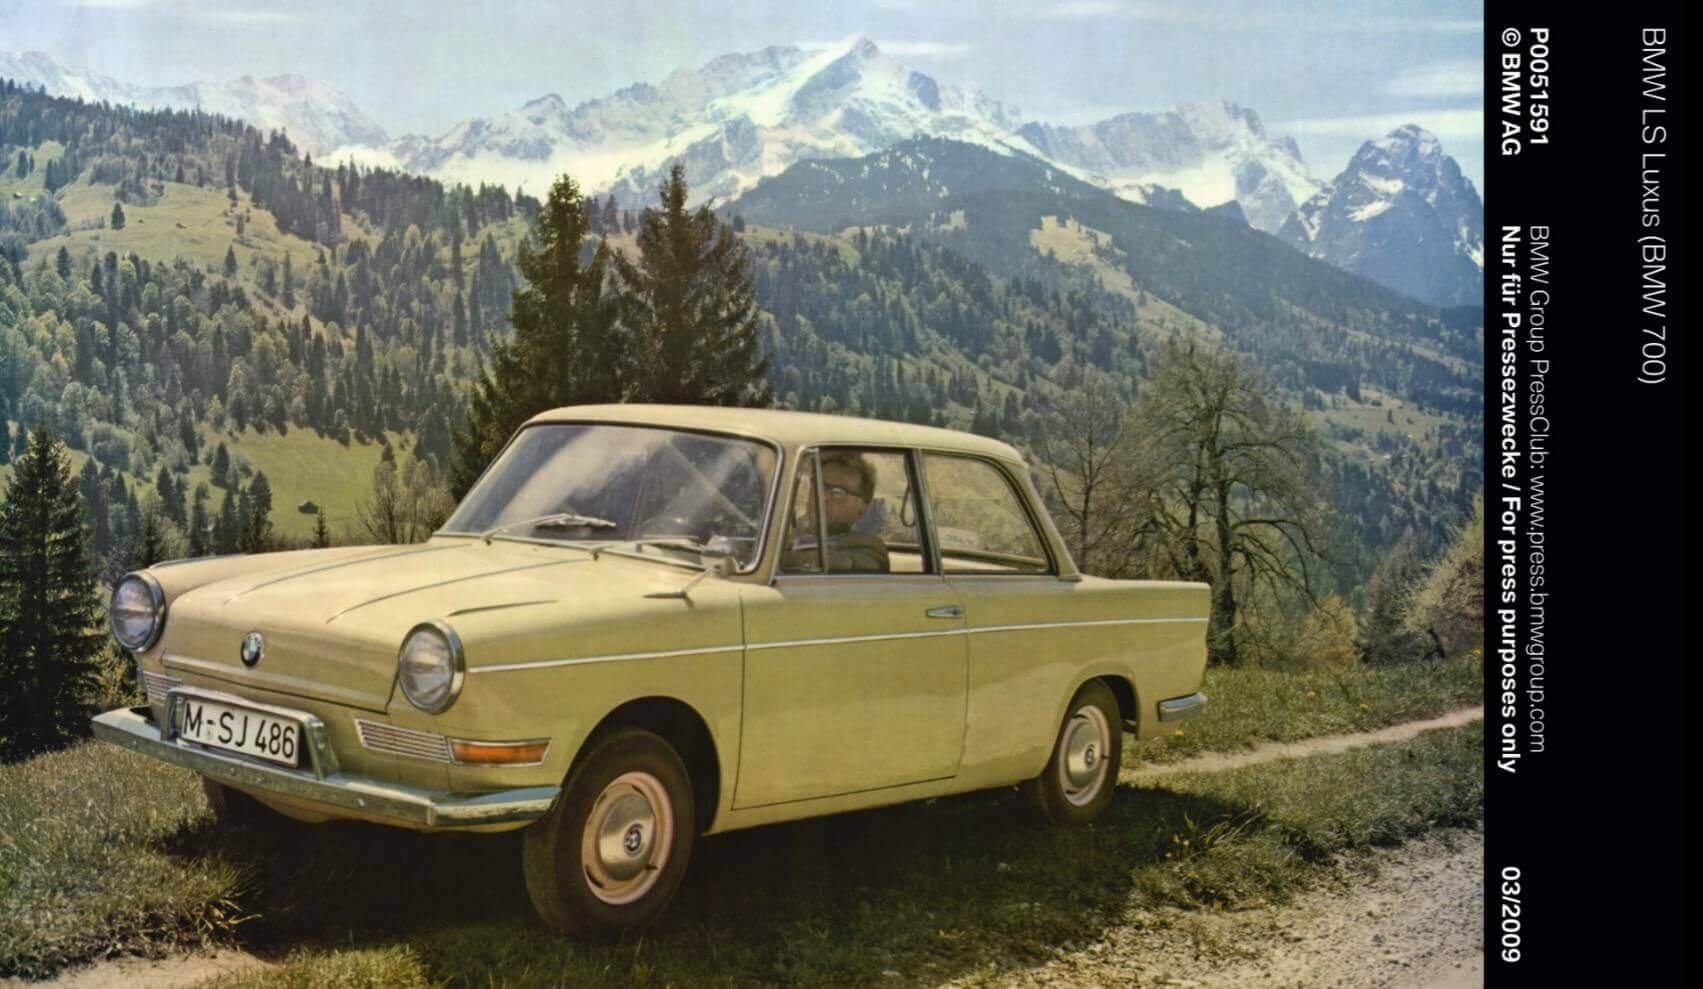 BMW Geschiedenis 700